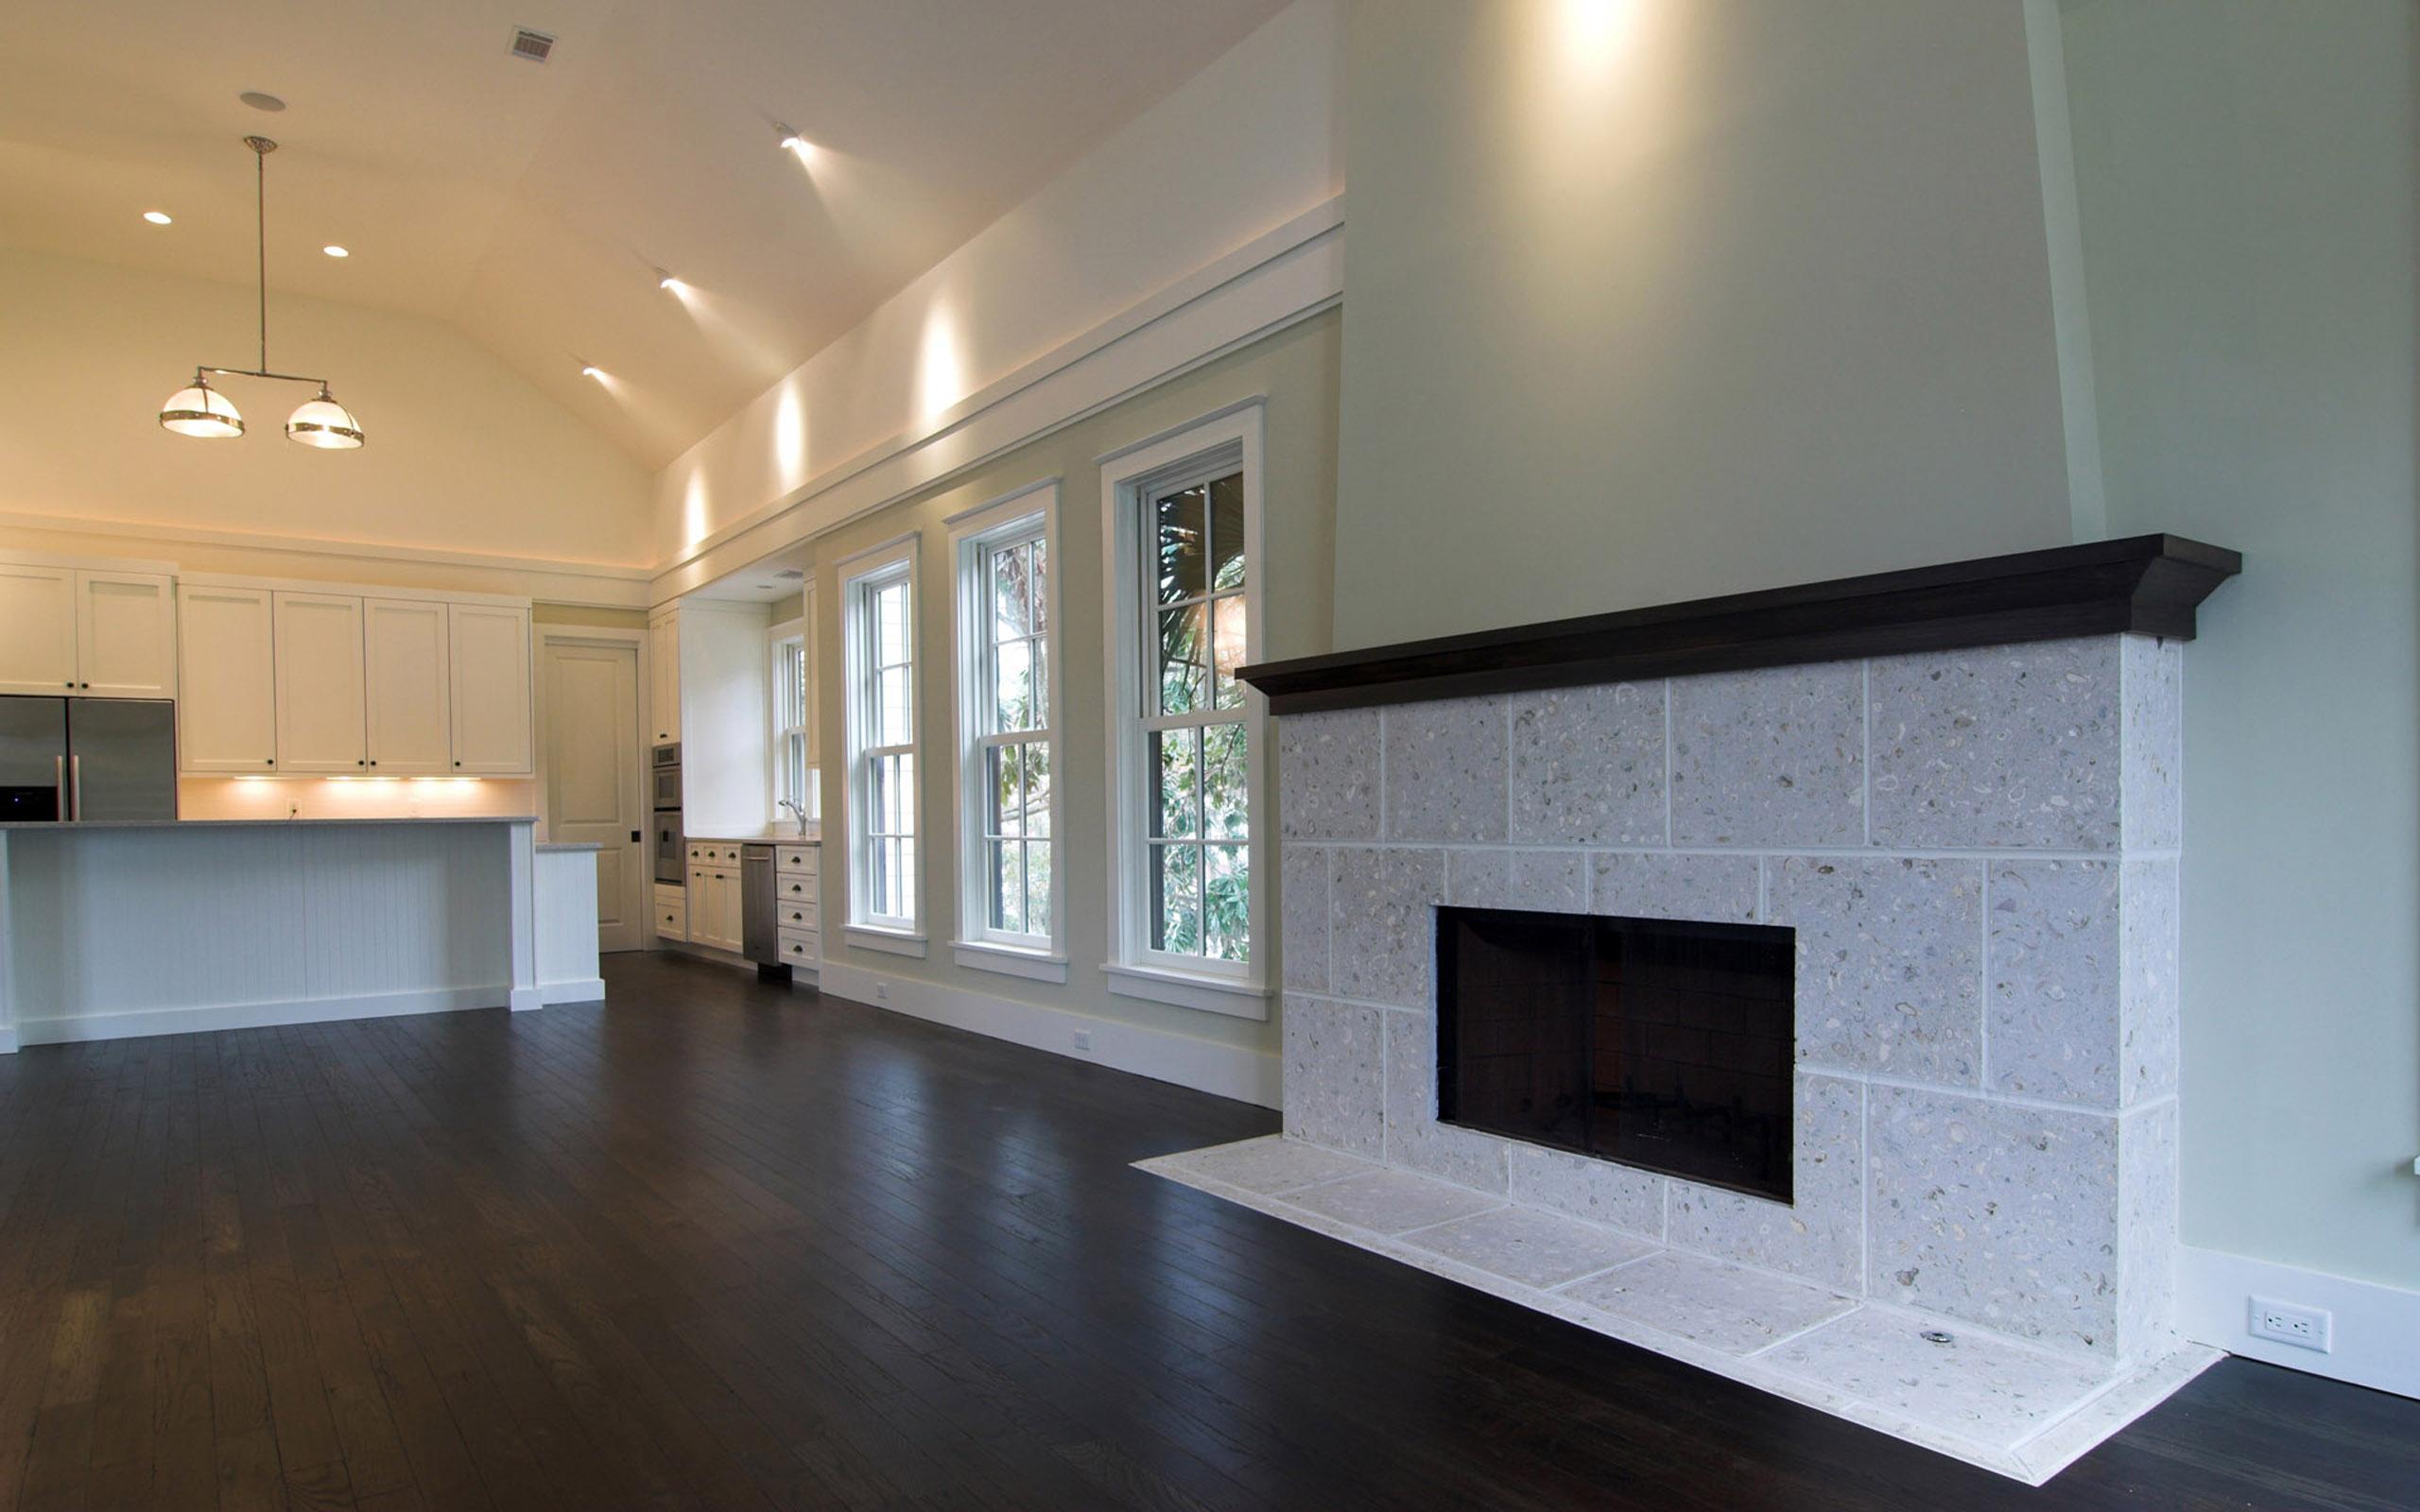 Empty Living Room | Free Desktop Wallpapers for Widescreen ...